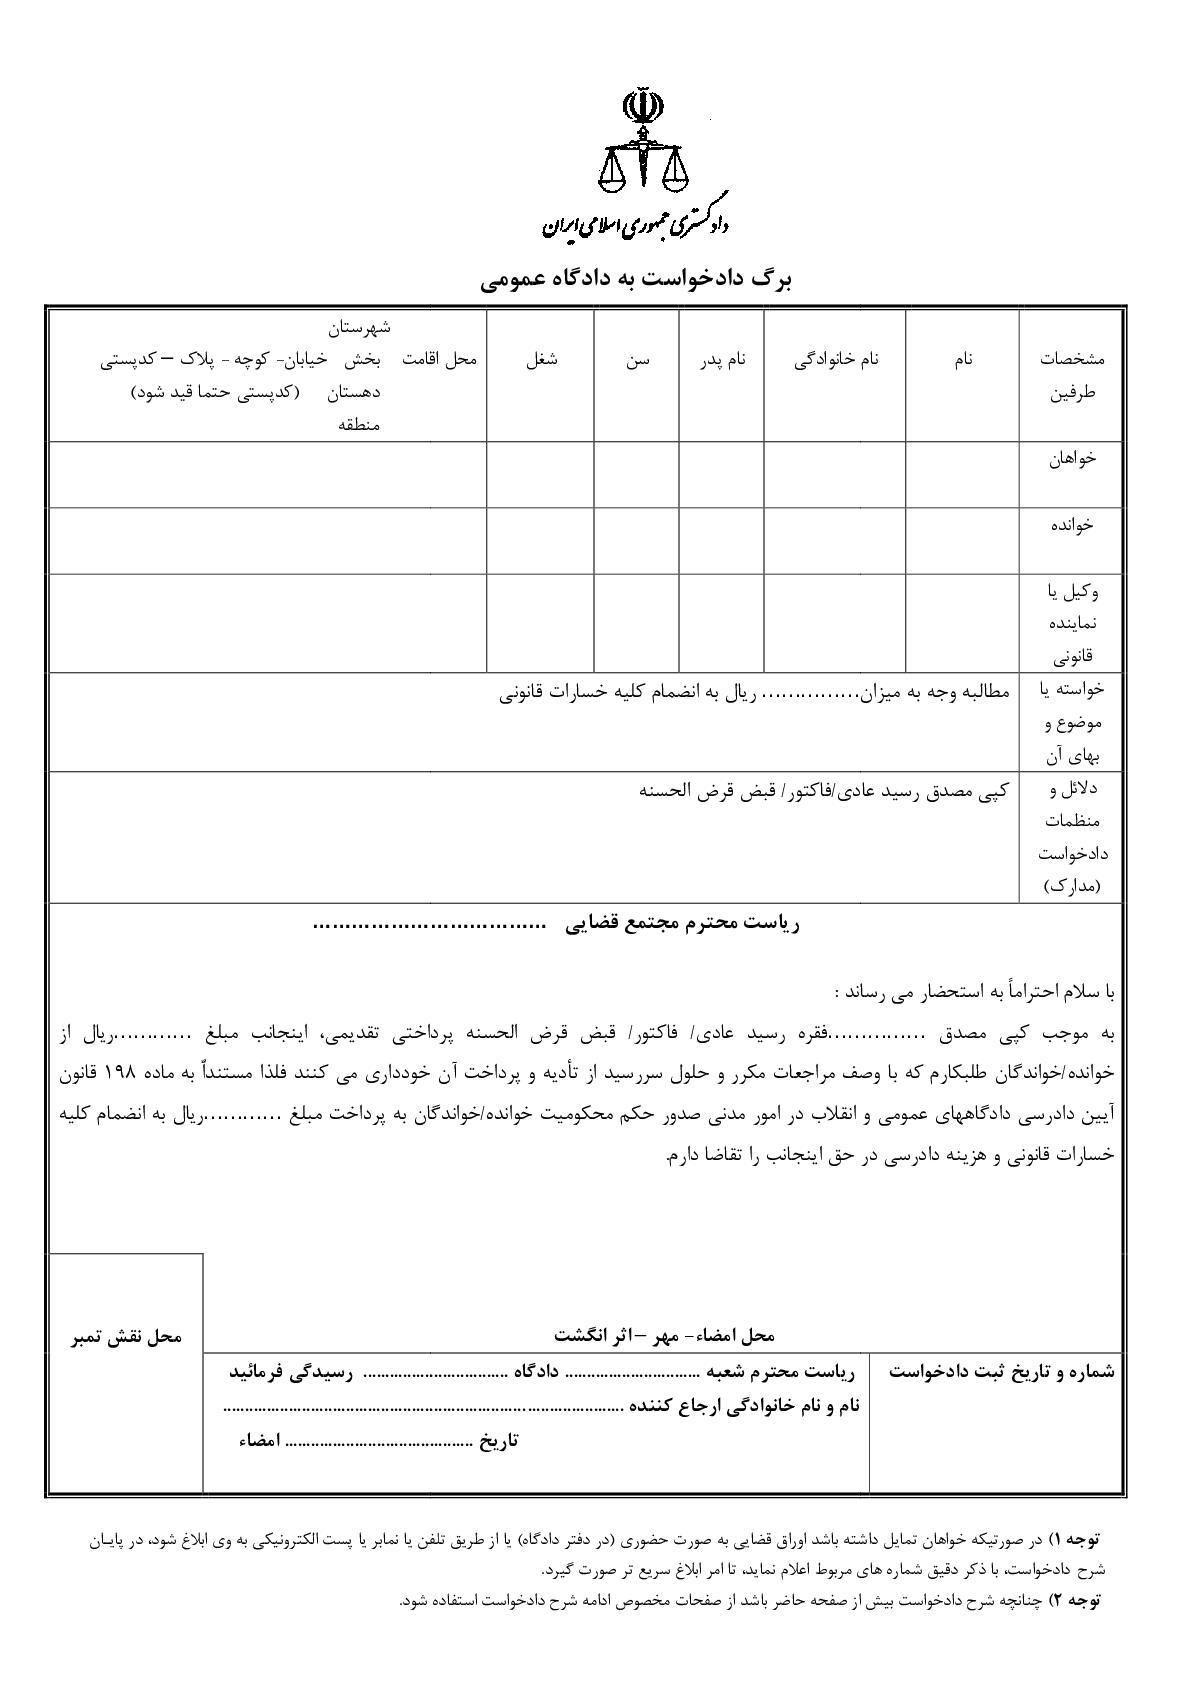 دادخواست مطالبه وجه رسید عادی/فاکتور/قرض الحسنه(از دادگاه)